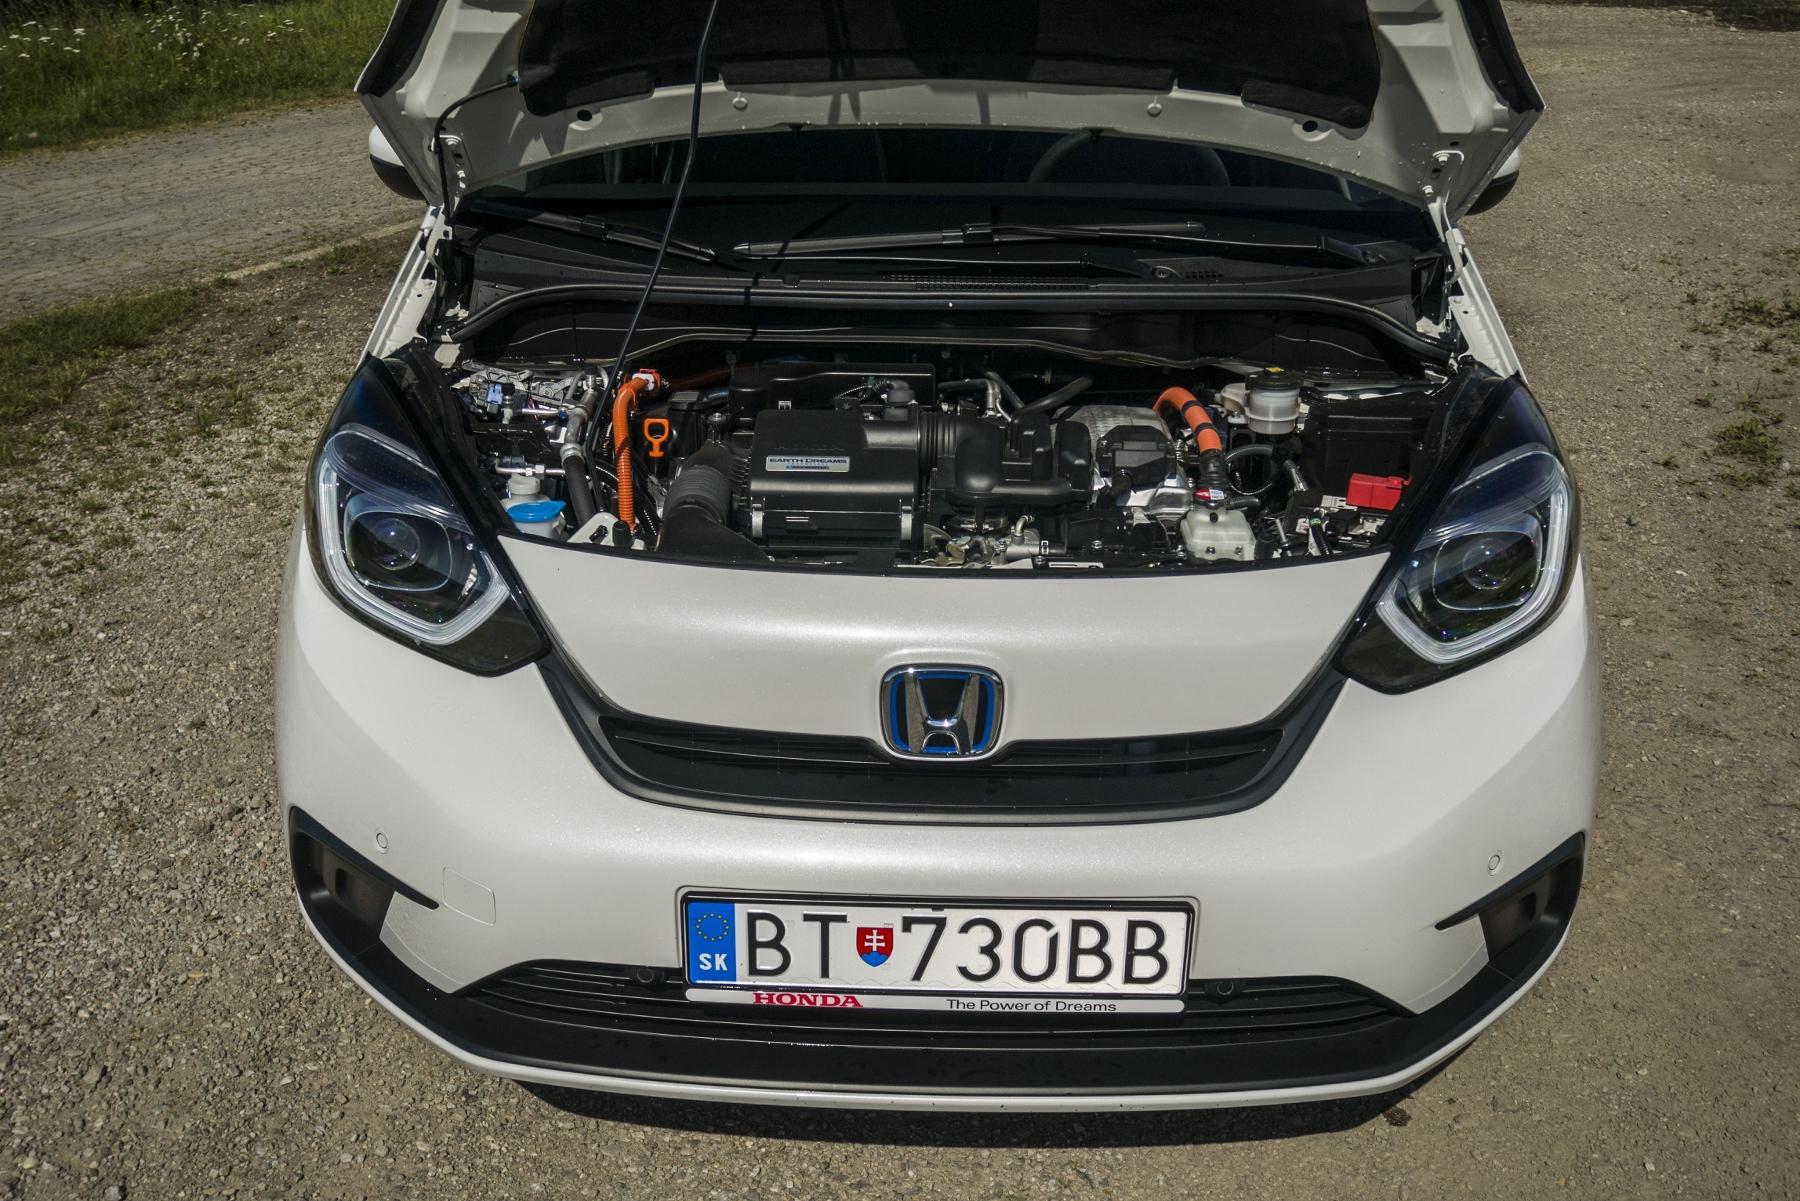 Test: Honda Jazz je kráľ spotreby a využiteľnosti priestoru 6XAMyk8x1v honda-jazz-7